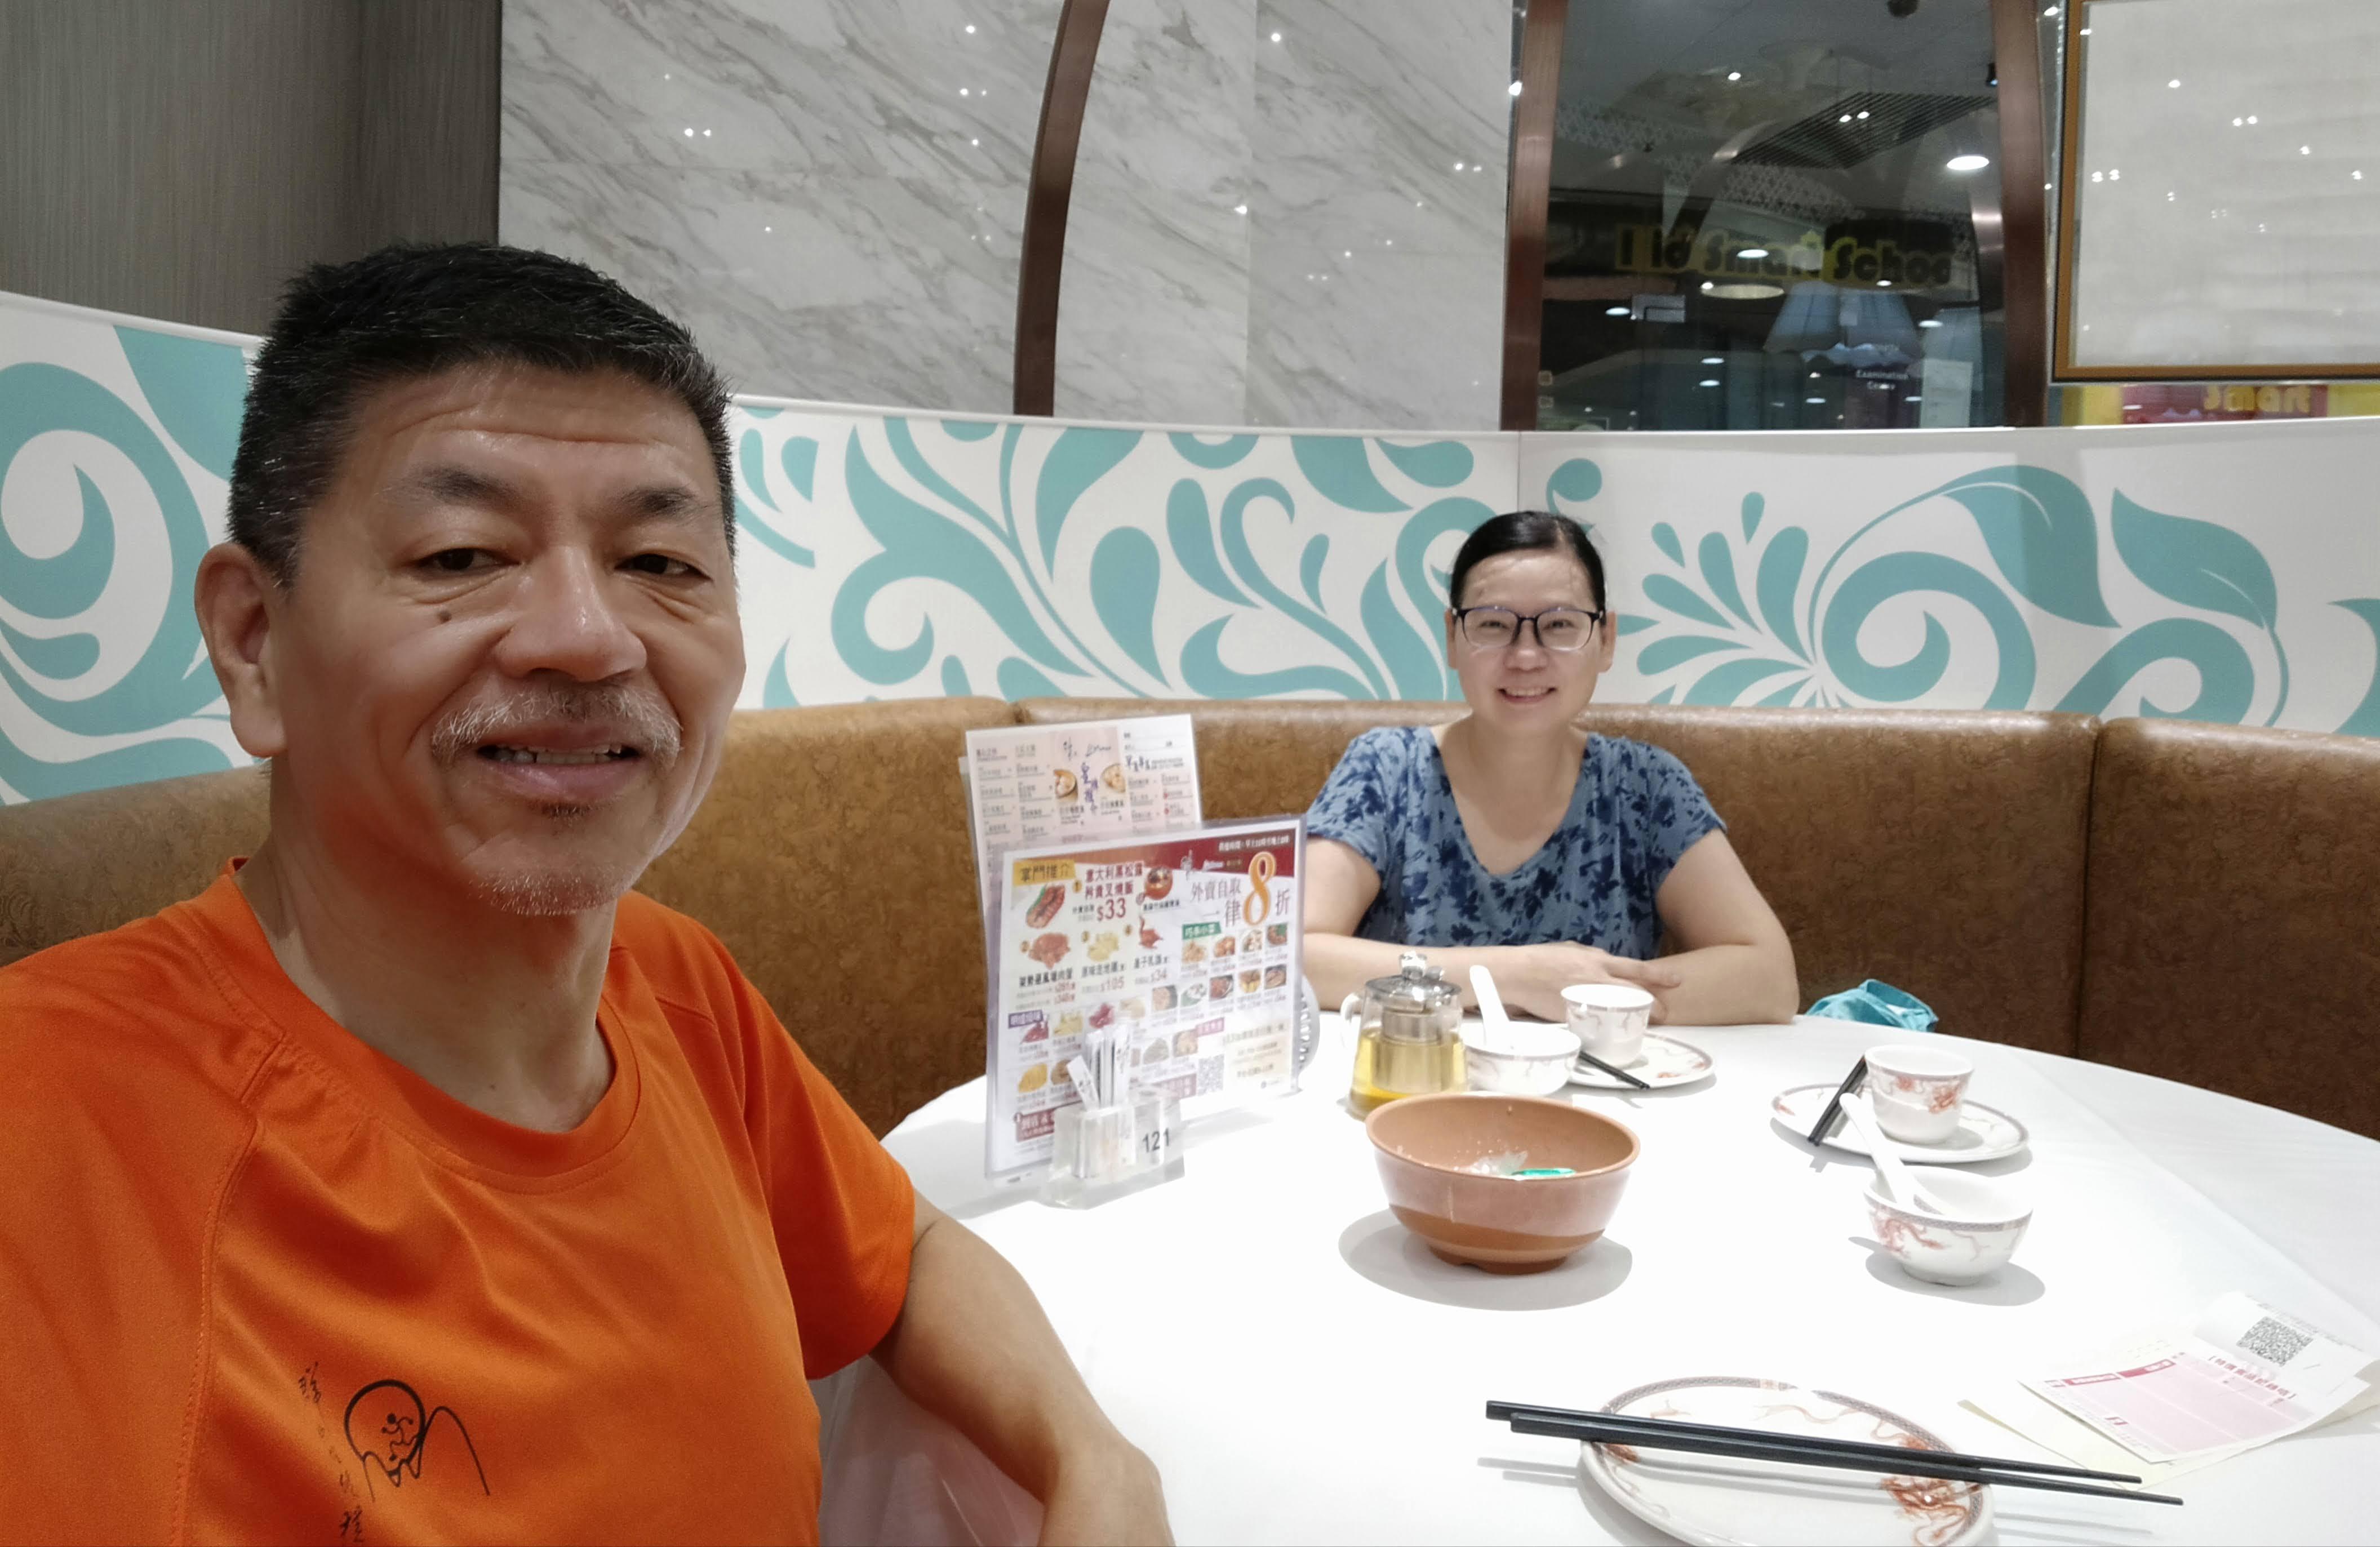 投資無知 攀山無悔 YSWong Blog: 2020年8月28日 青衣翠怡花園稻香下午茶